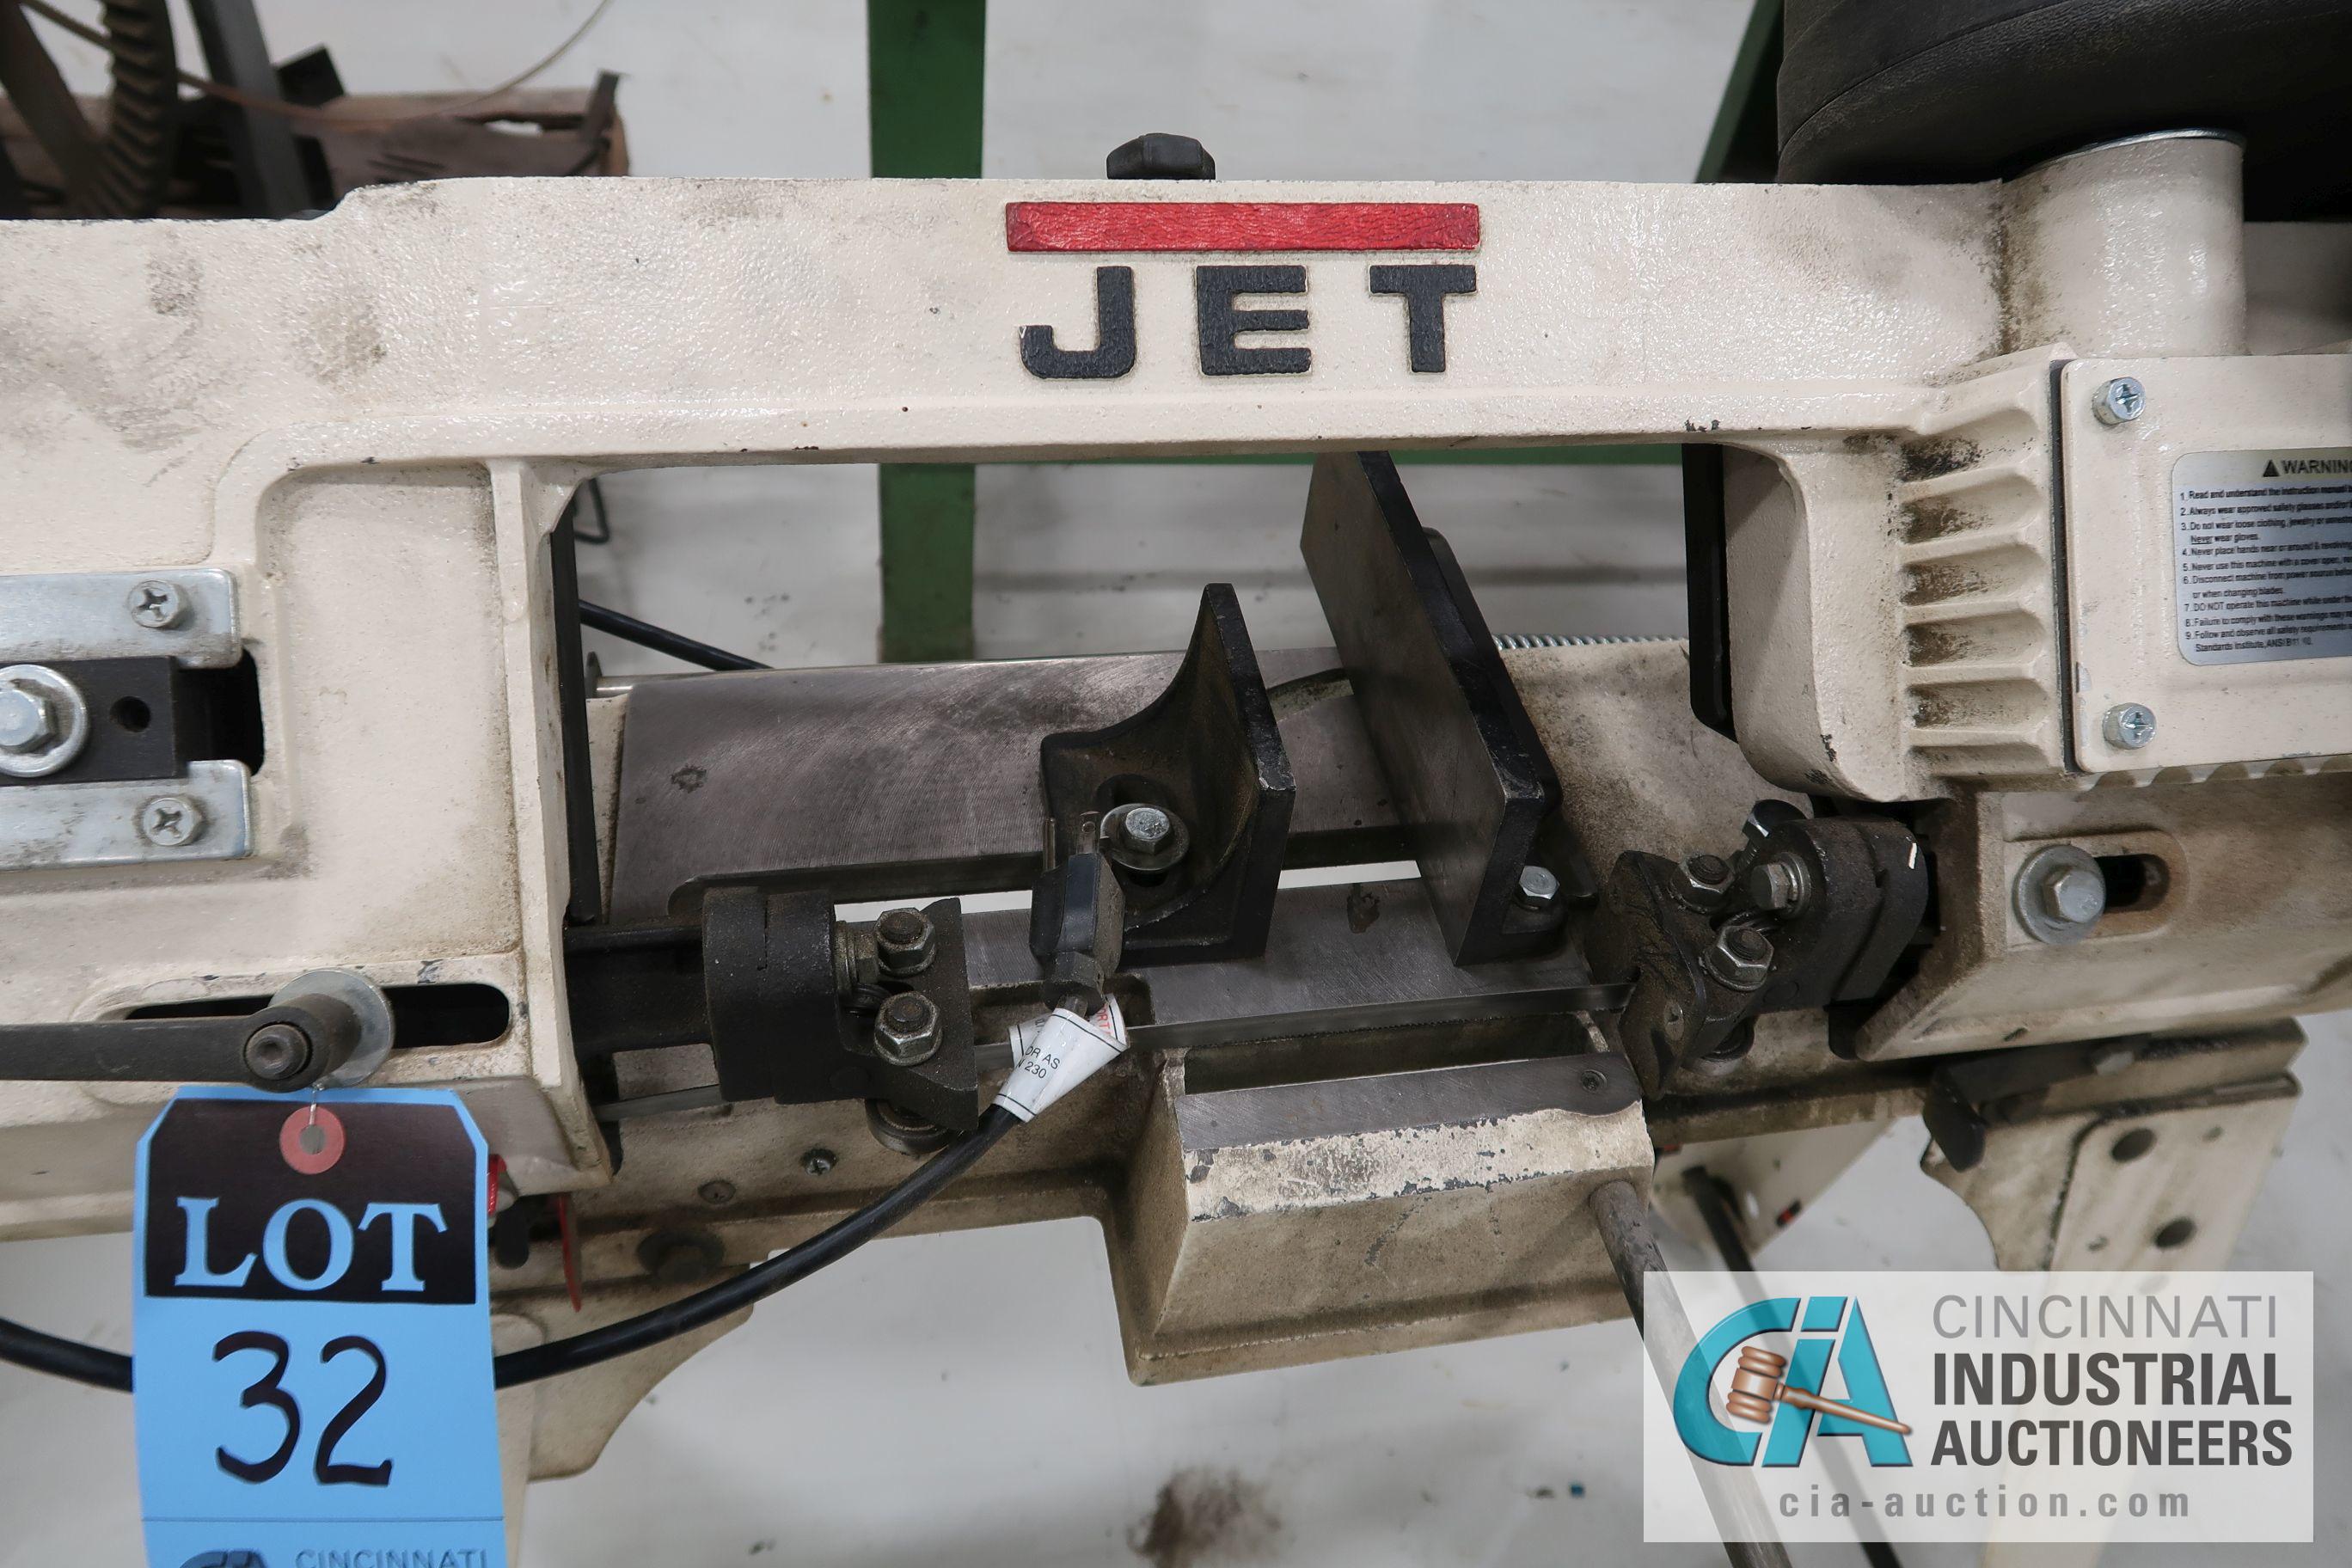 JET MODEL HVBS-56M HORIZONTAL / VERTICAL BAND SAW; S/N 120136125, 115 VOLT (2011) - Image 3 of 4